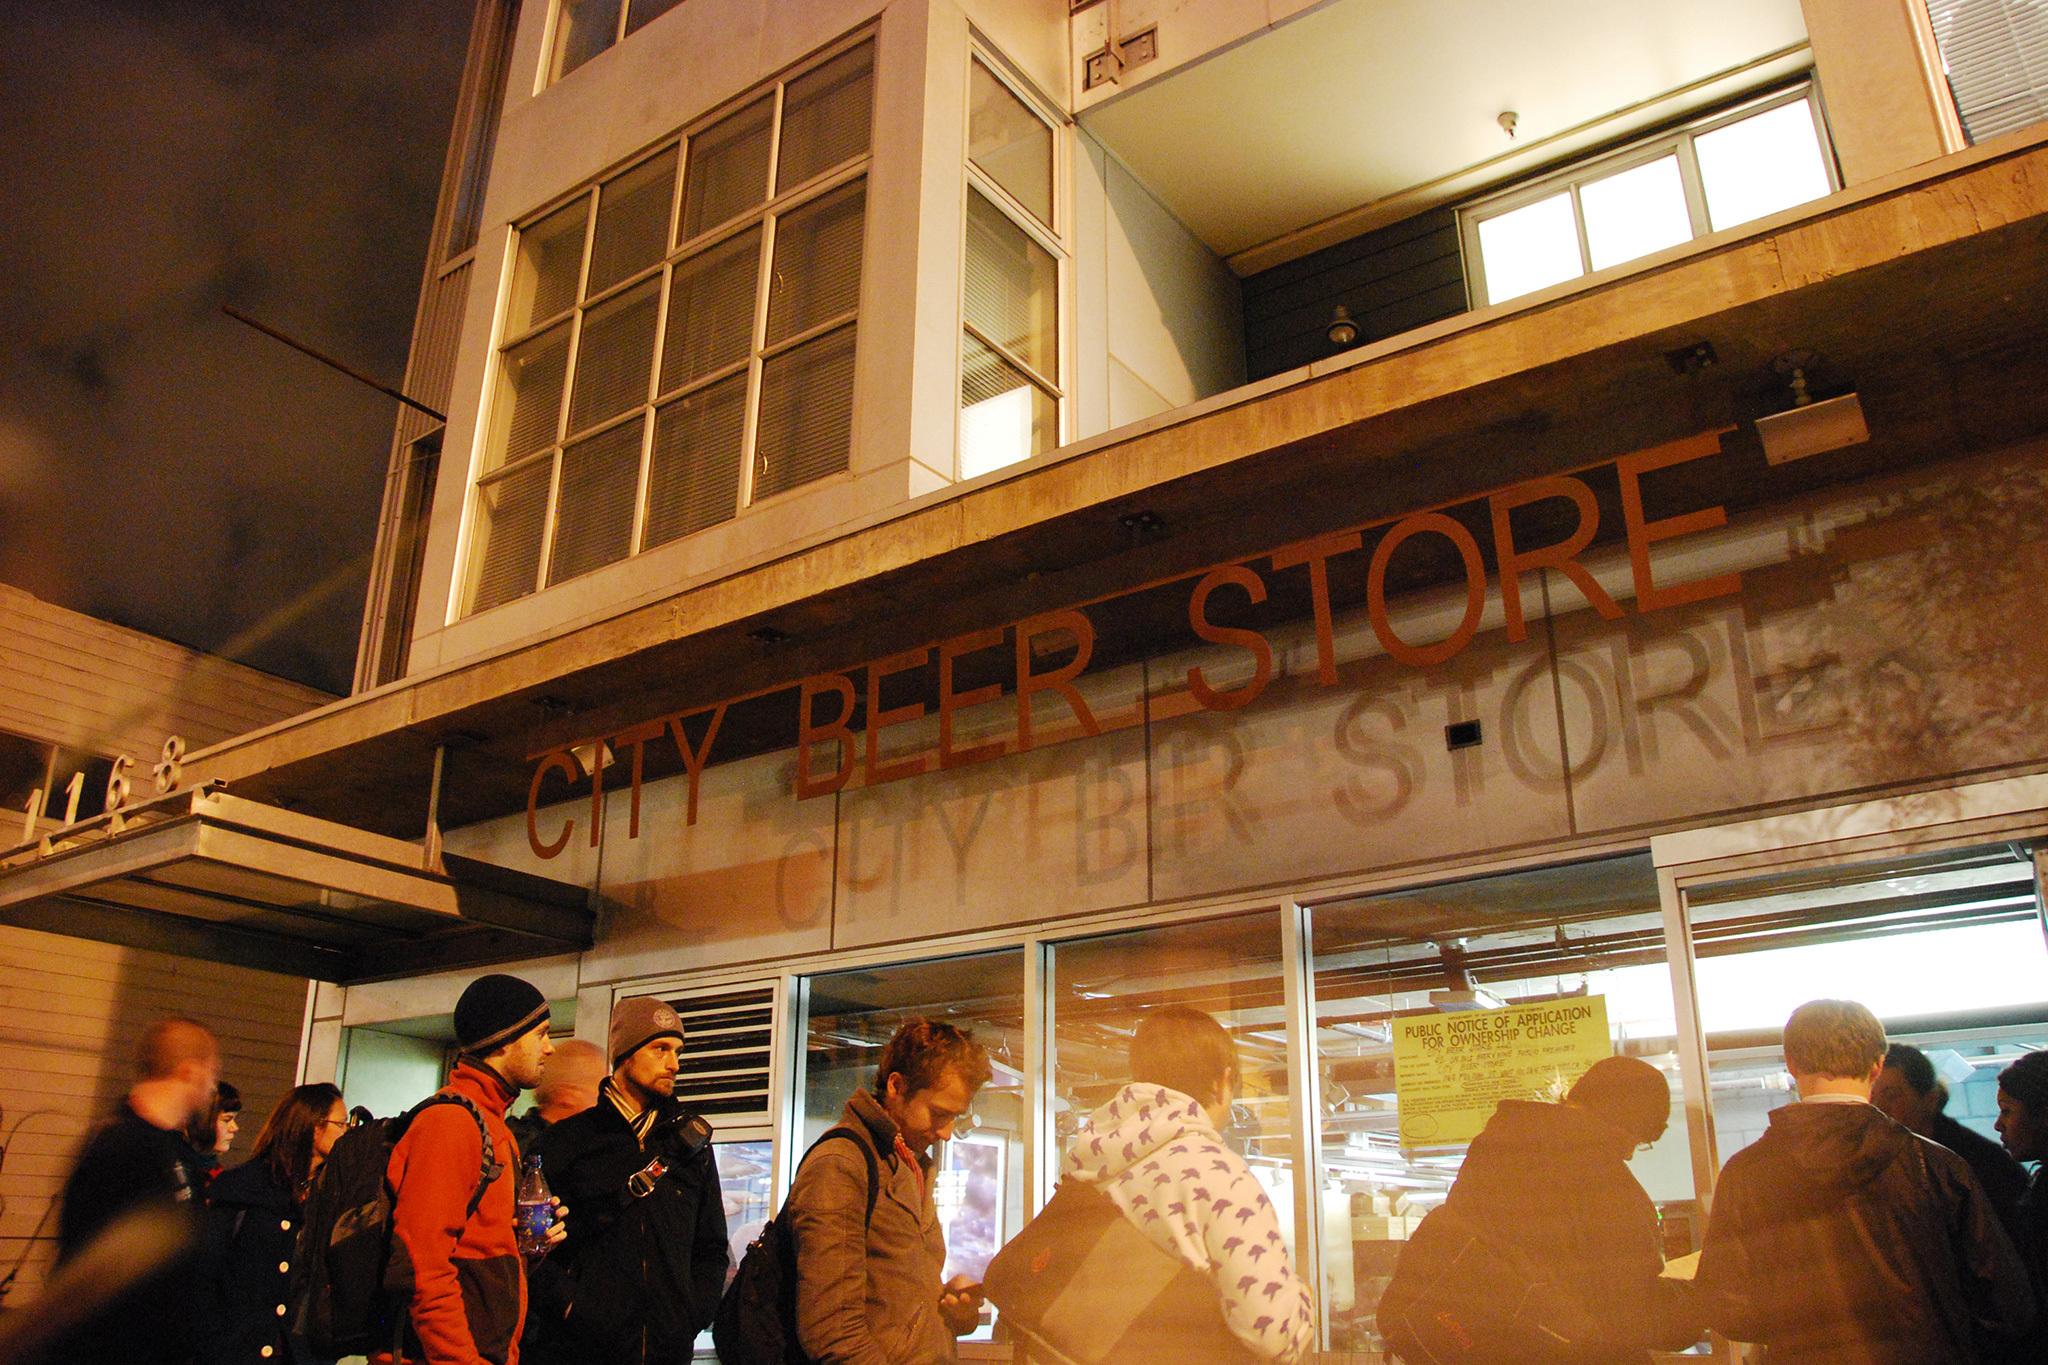 City Beer Store